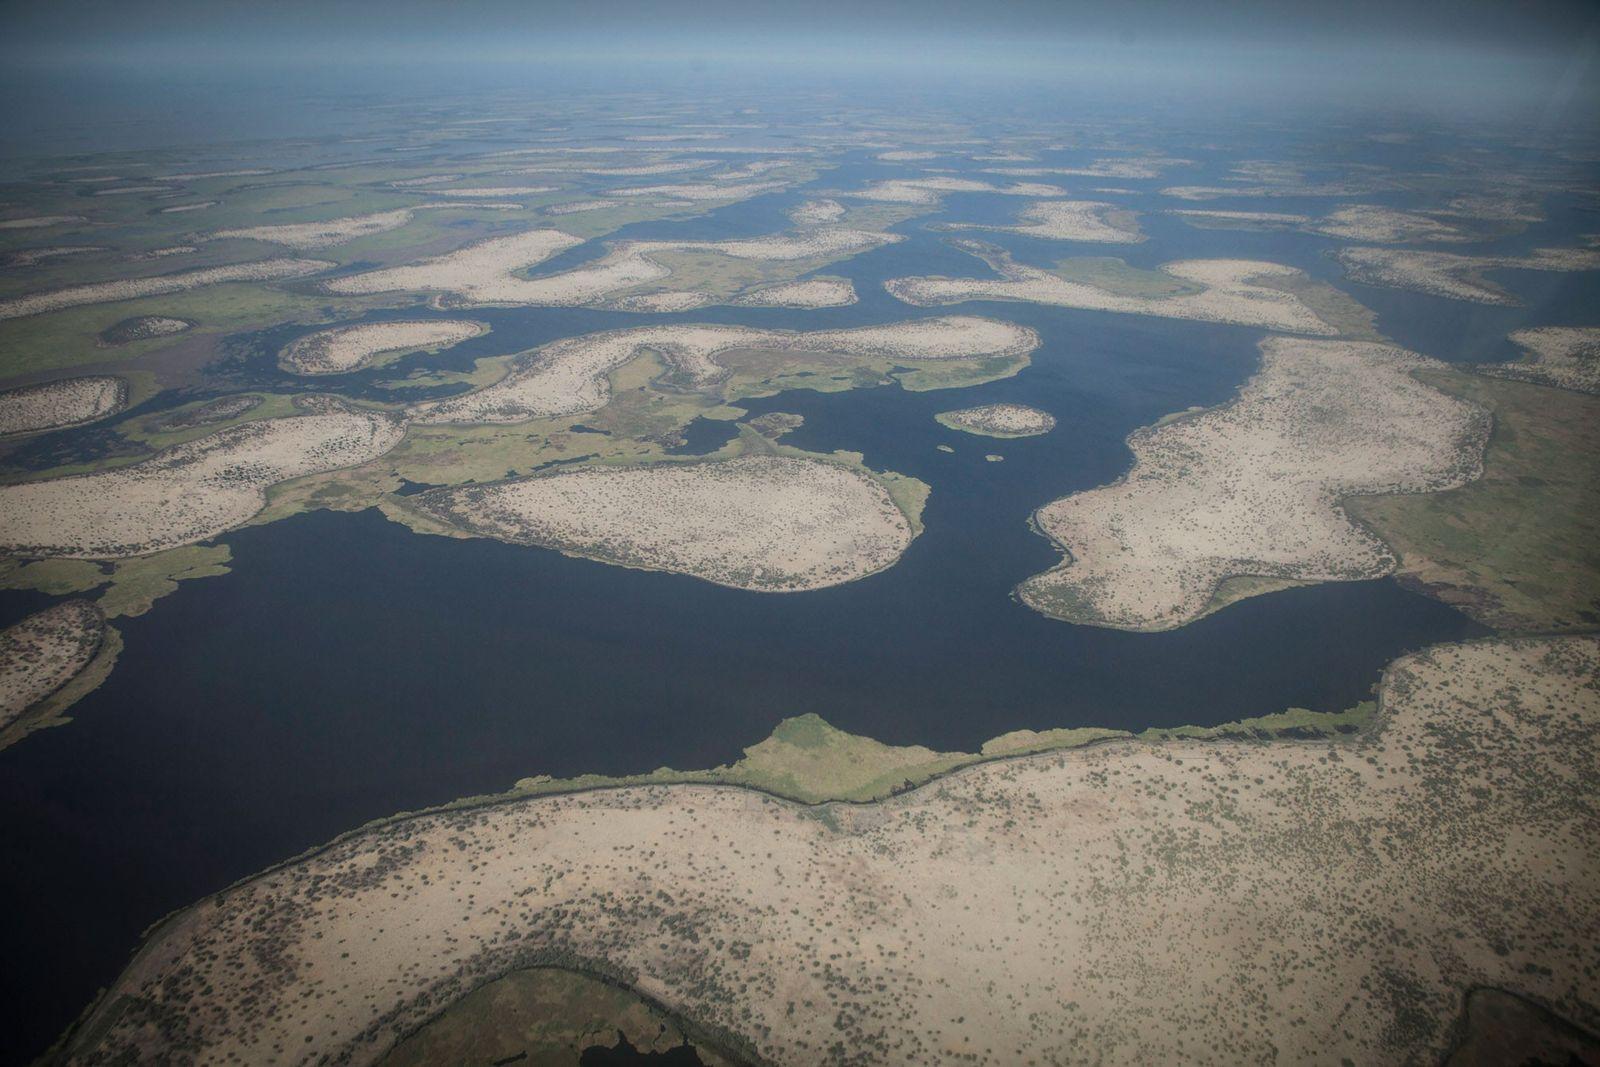 Luftaufnahme der Inseln im Tschadsee